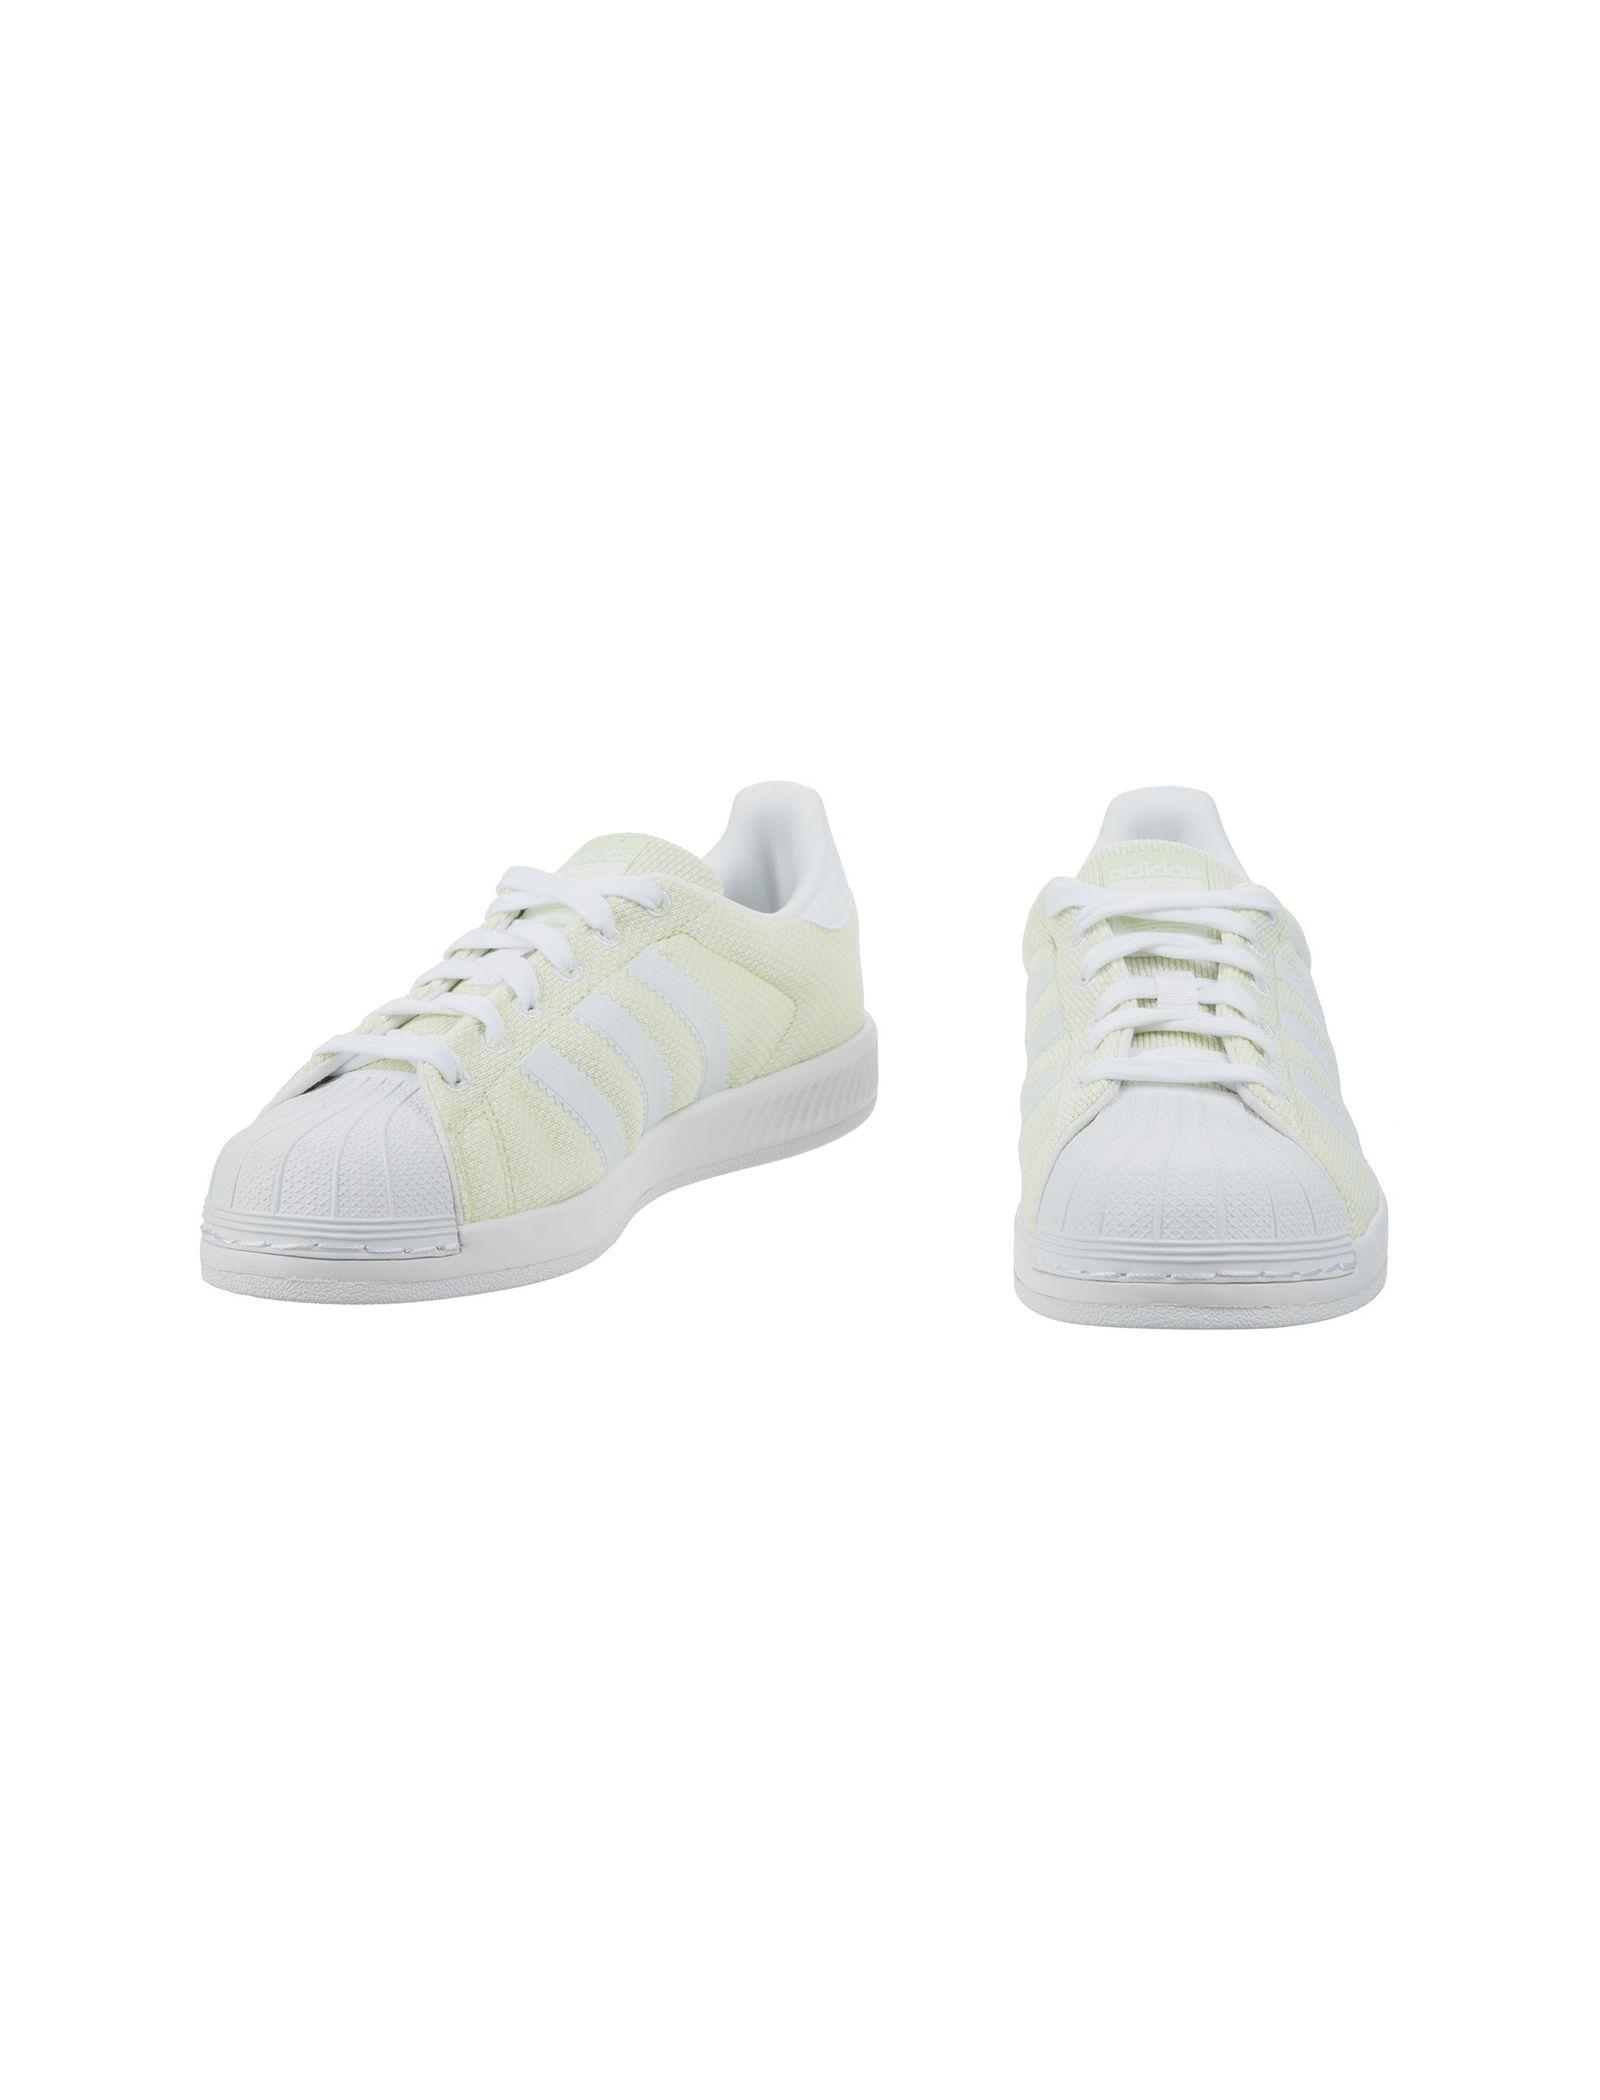 کفش راحتی زنانه آدیداس مدل BZ0634 - سبز روشن - 4